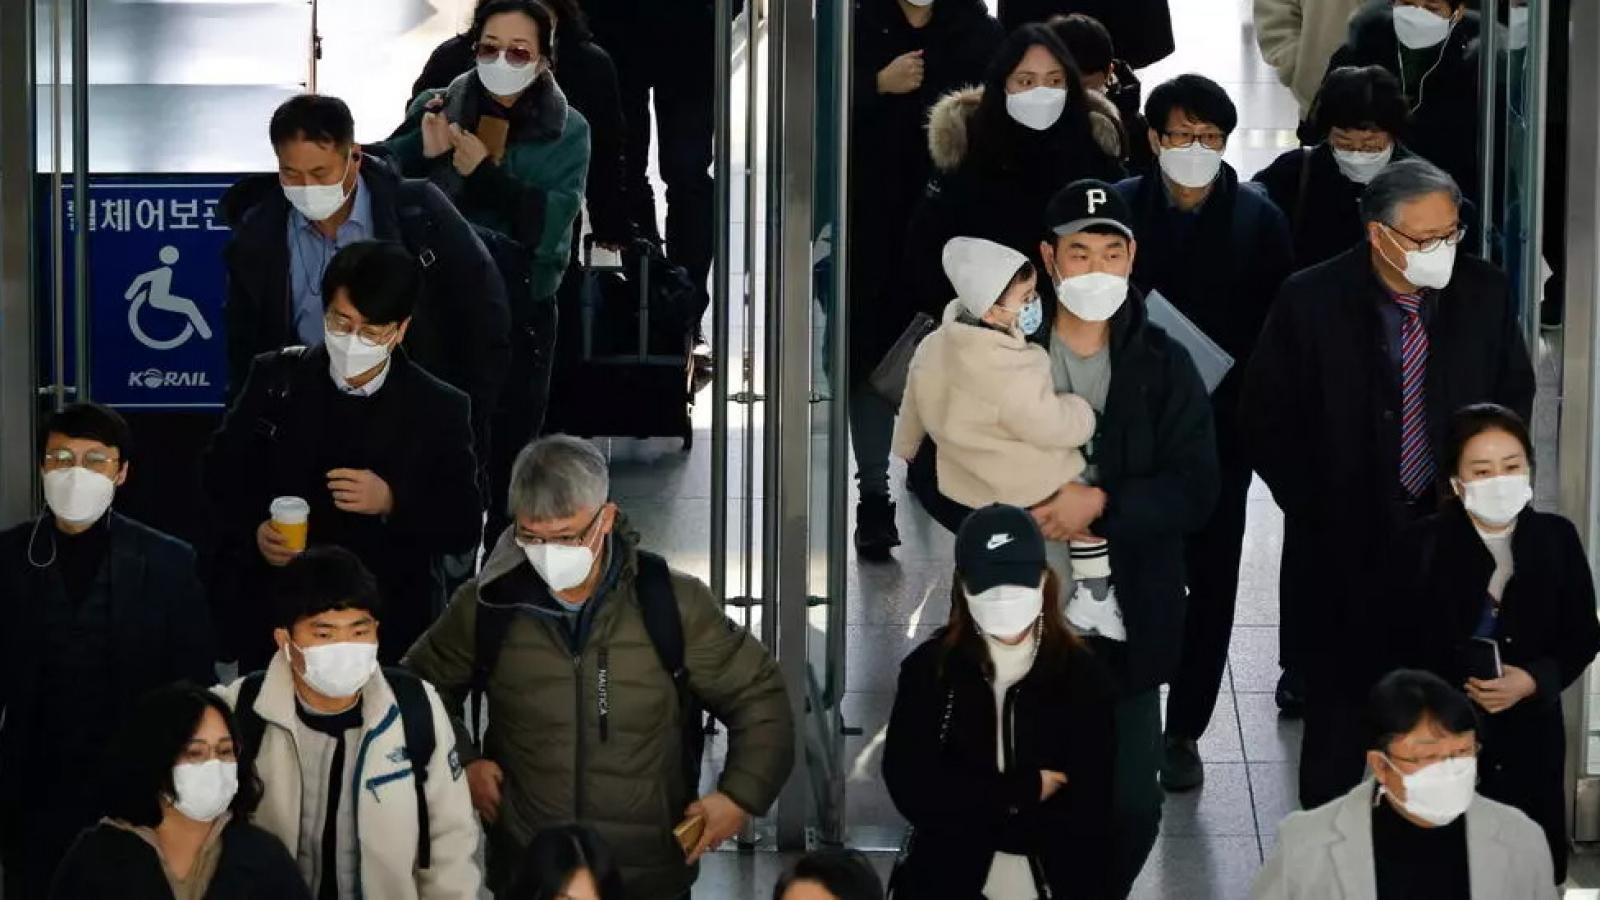 Hàn Quốc cam kết cung cấp đủ vaccine Covid-19 cho hàng chục triệu dân